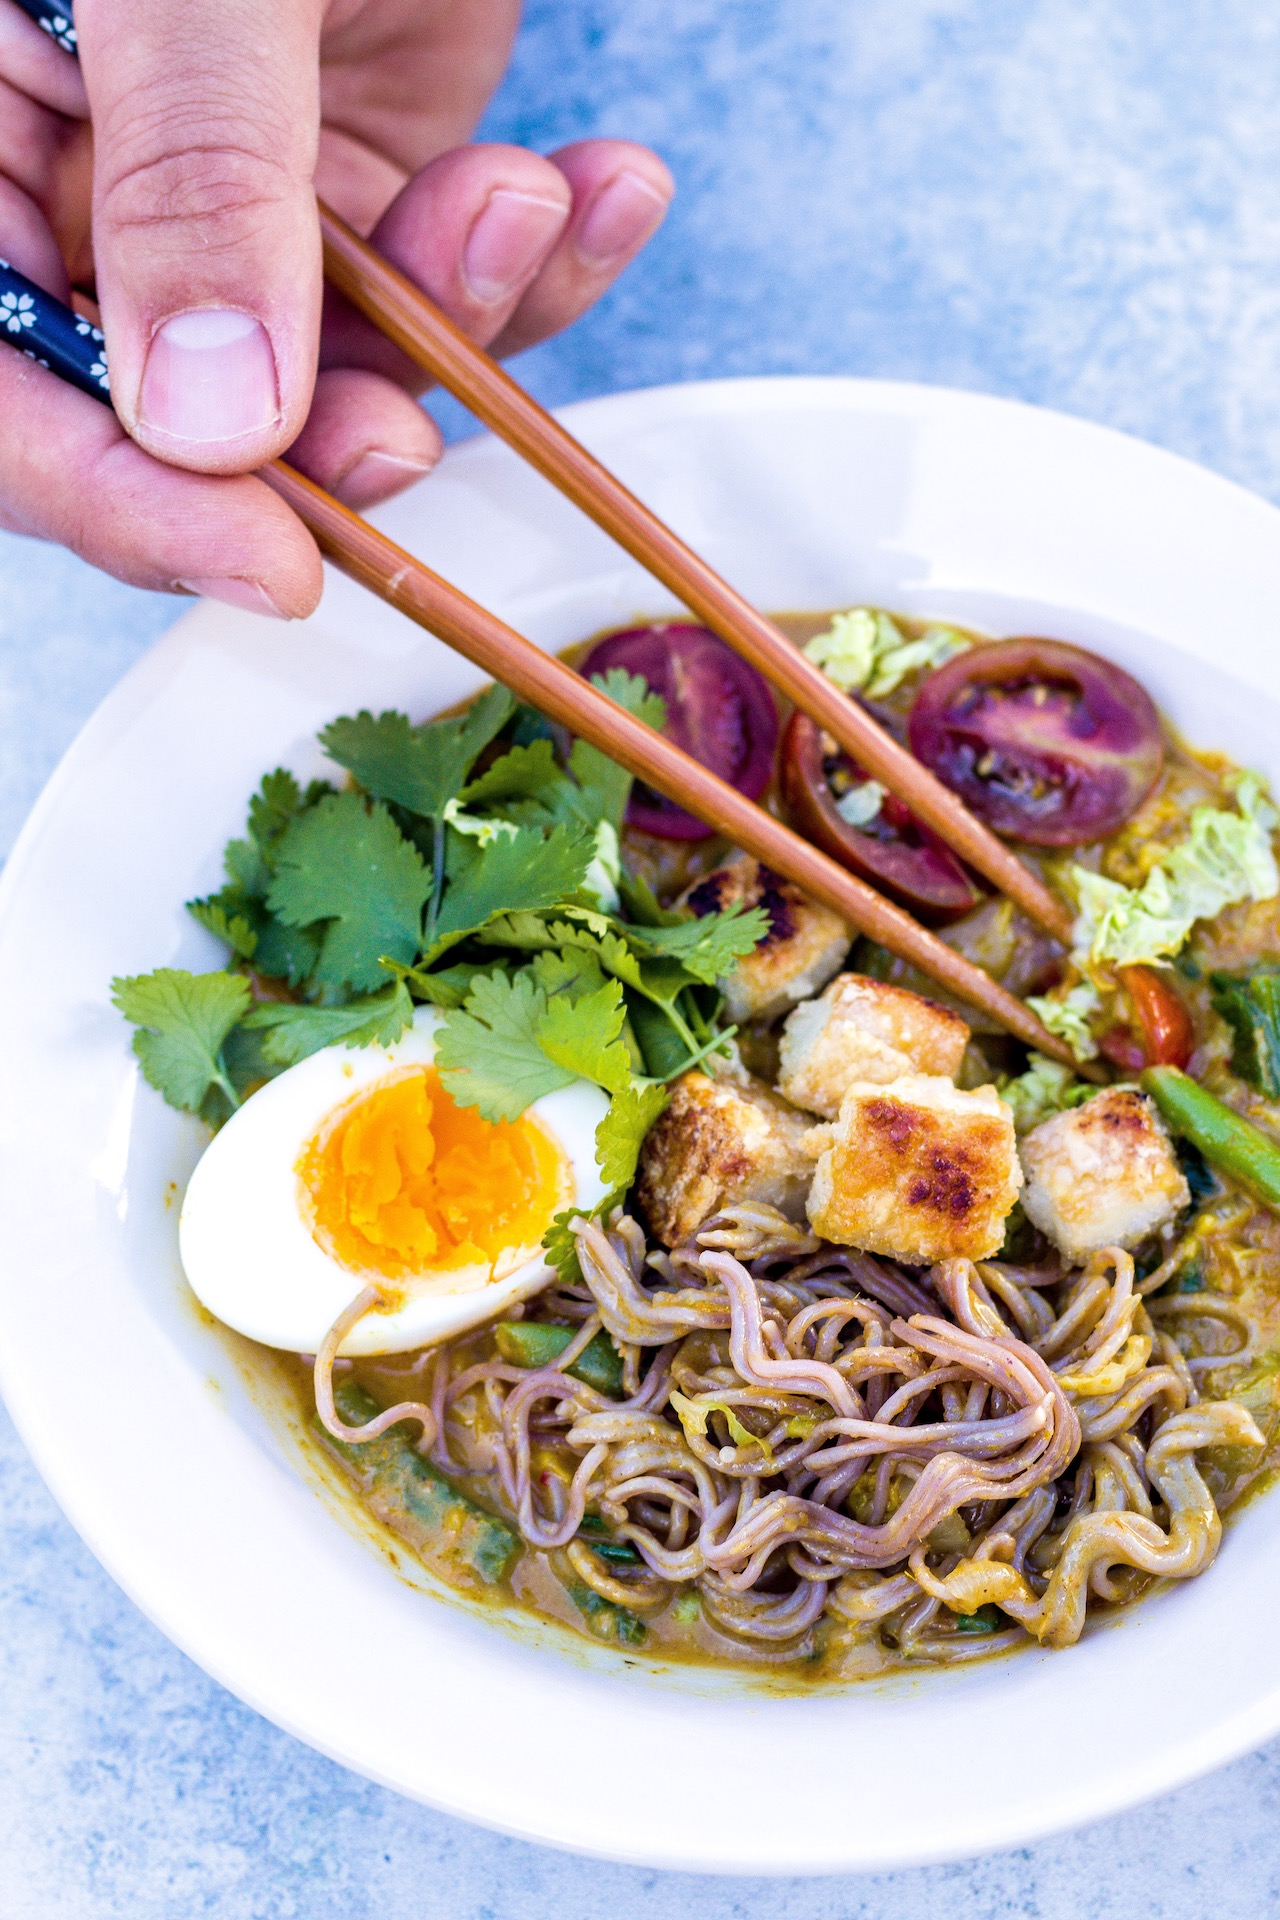 Indonesisches gelbes Curry mit Raman-Nudeln, Knusper-Tofu und Ei. #Vegetarisch #curry #einfach #indonesien